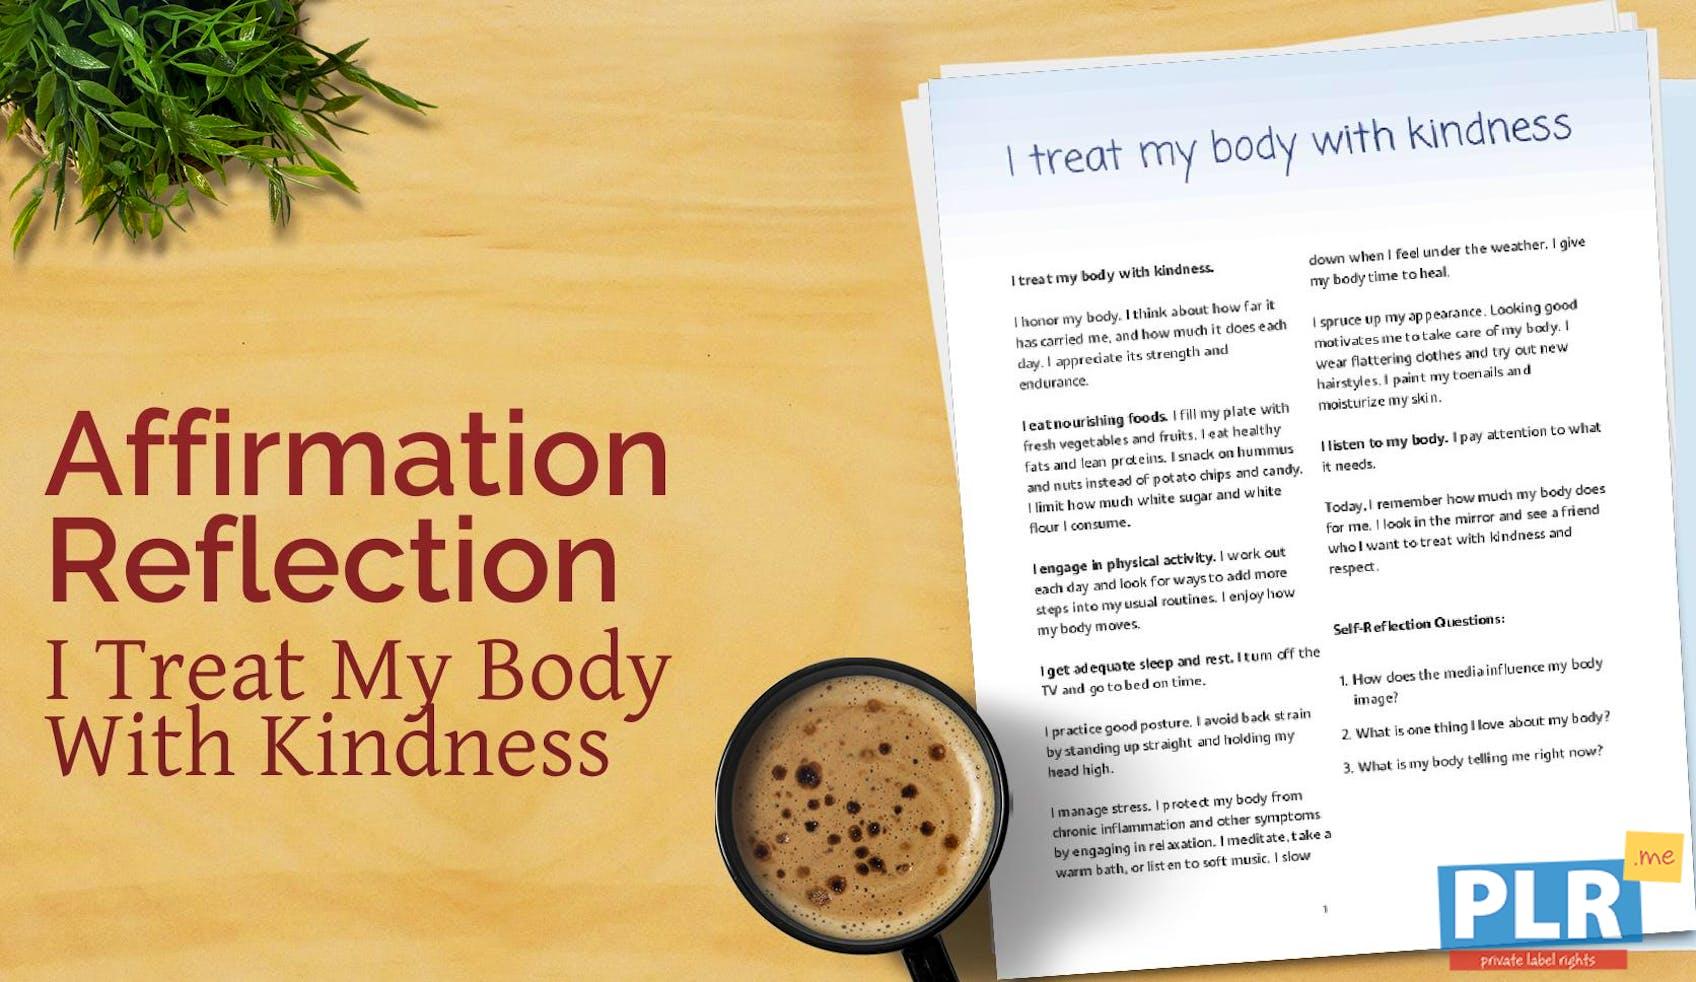 I Treat My Body With Kindness